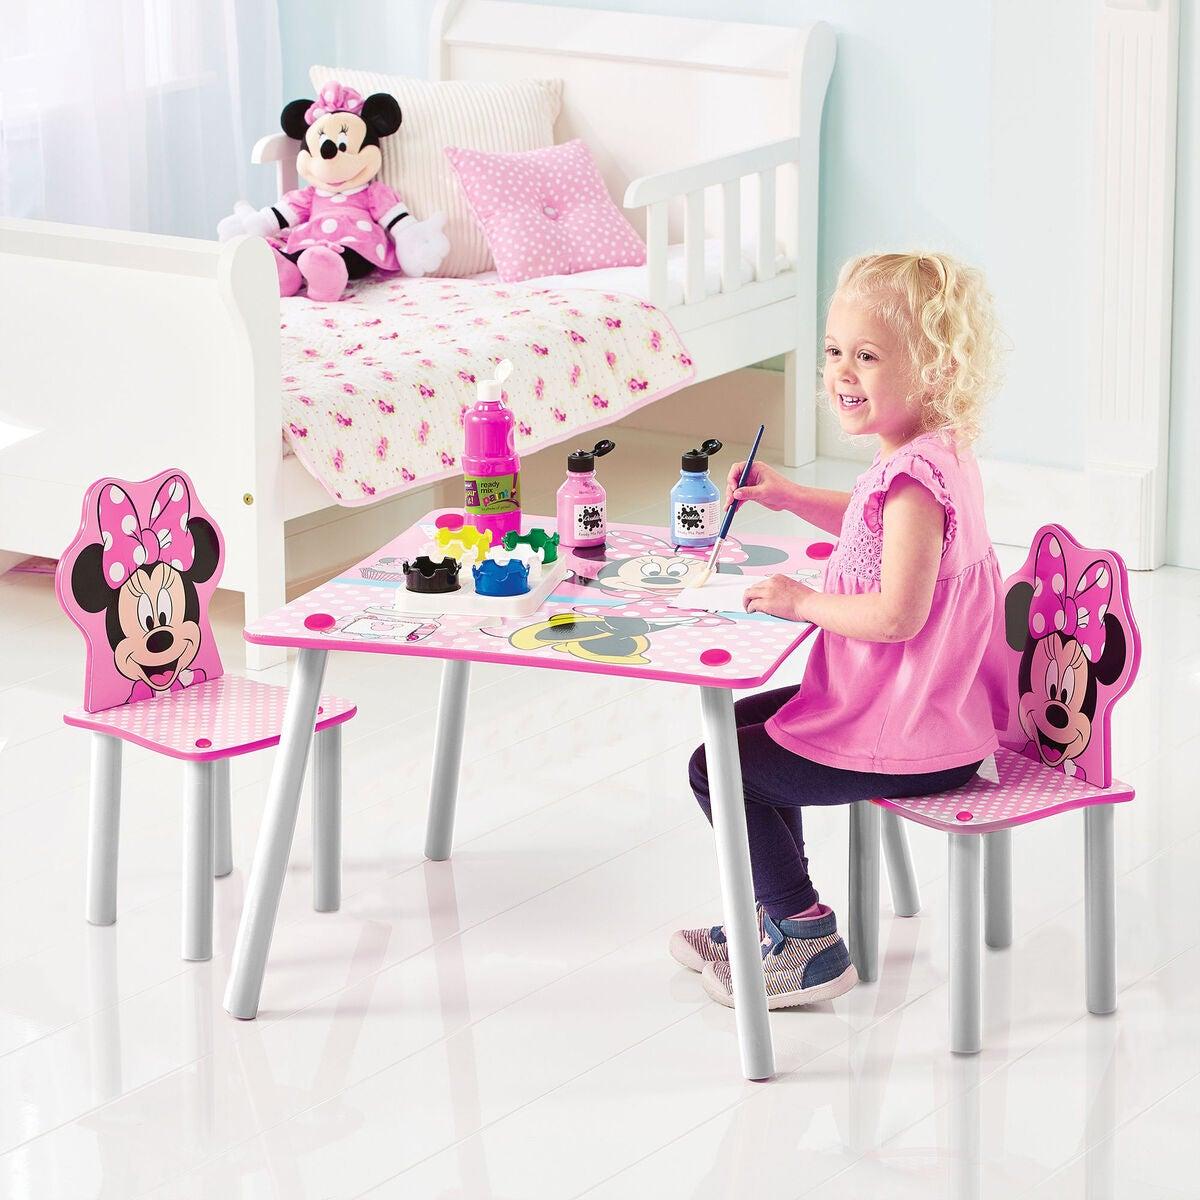 Minnie Mouse bord og stole - Inspiration til indretning af Minnie Mouse børneværelse